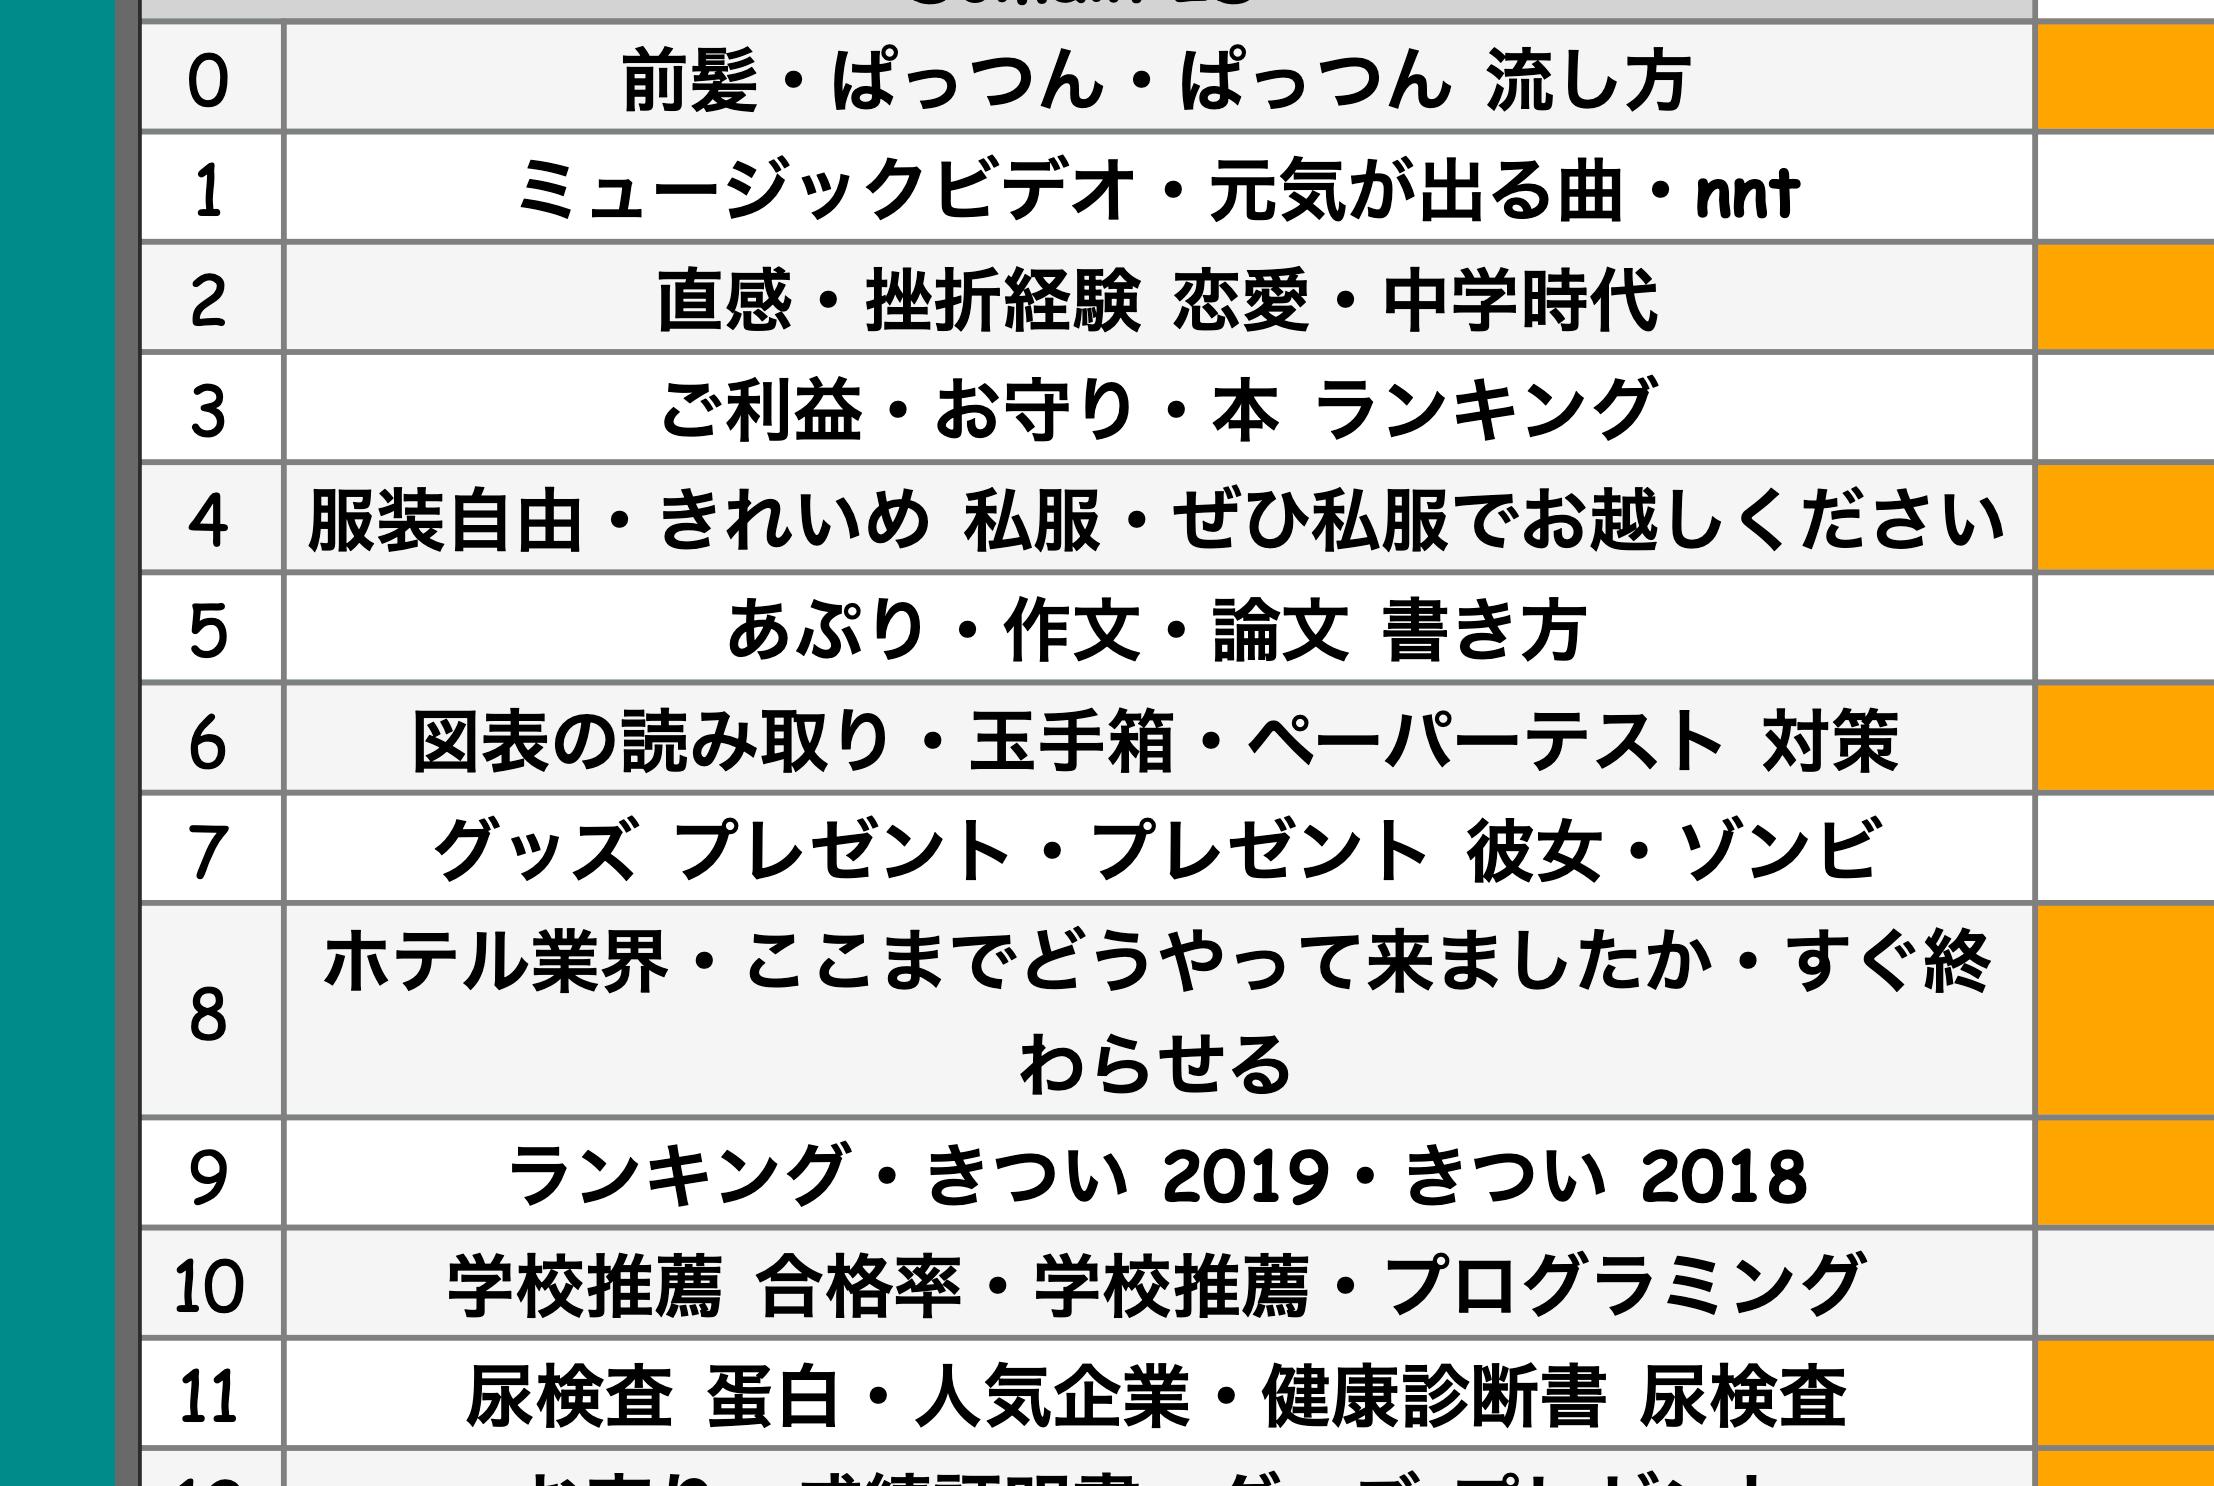 スクリーンショット 2019-03-20 0.28.24.png